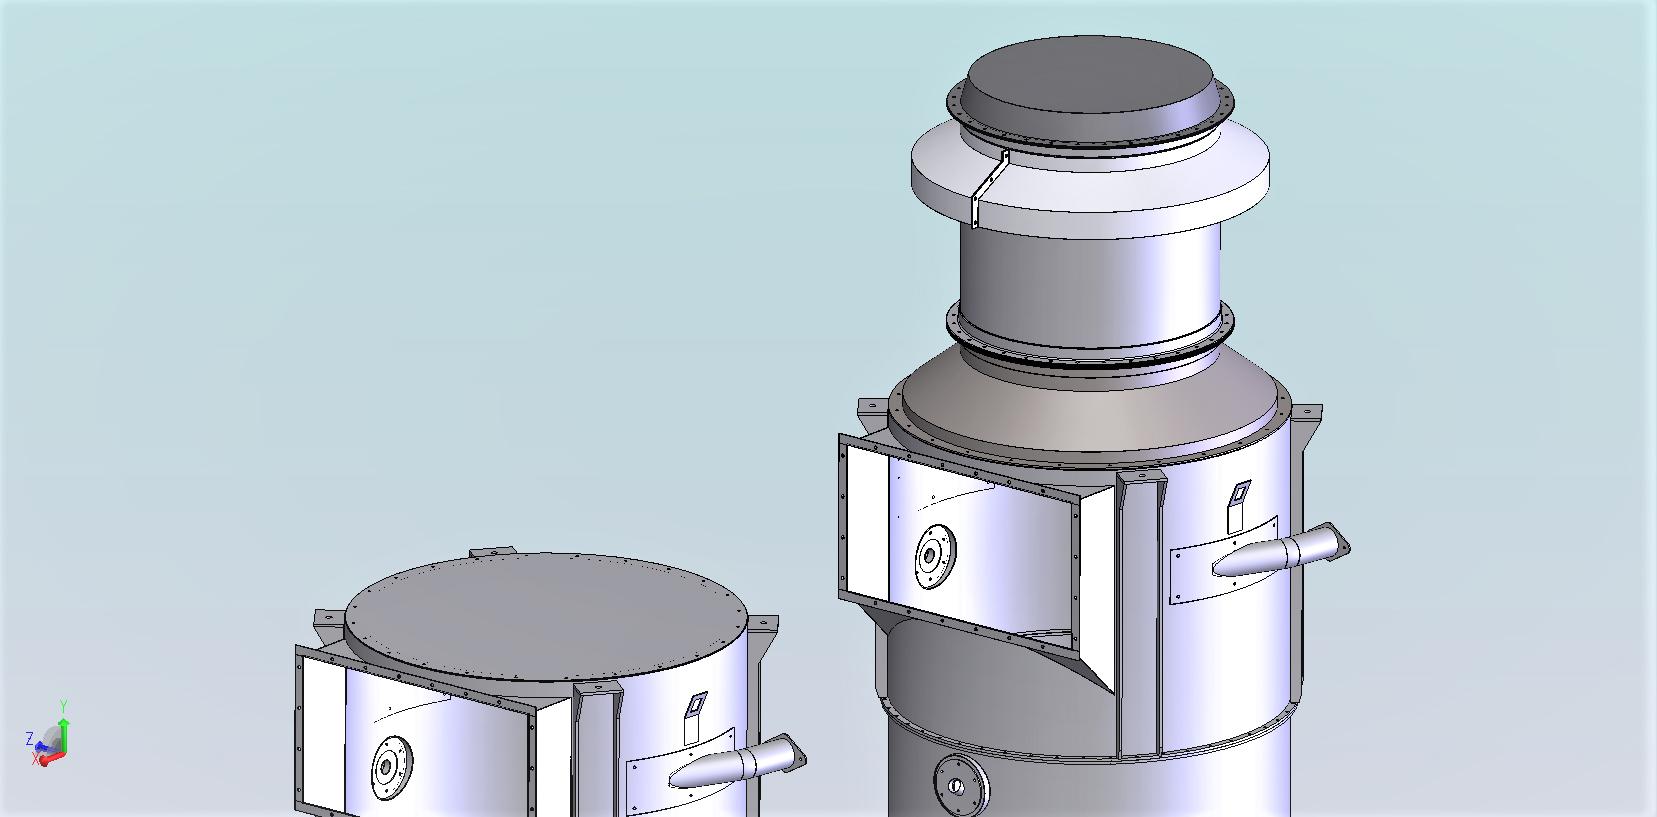 Intégration évents explosion sur dessus de silos<br>Définition/ calcul / dossier de construction